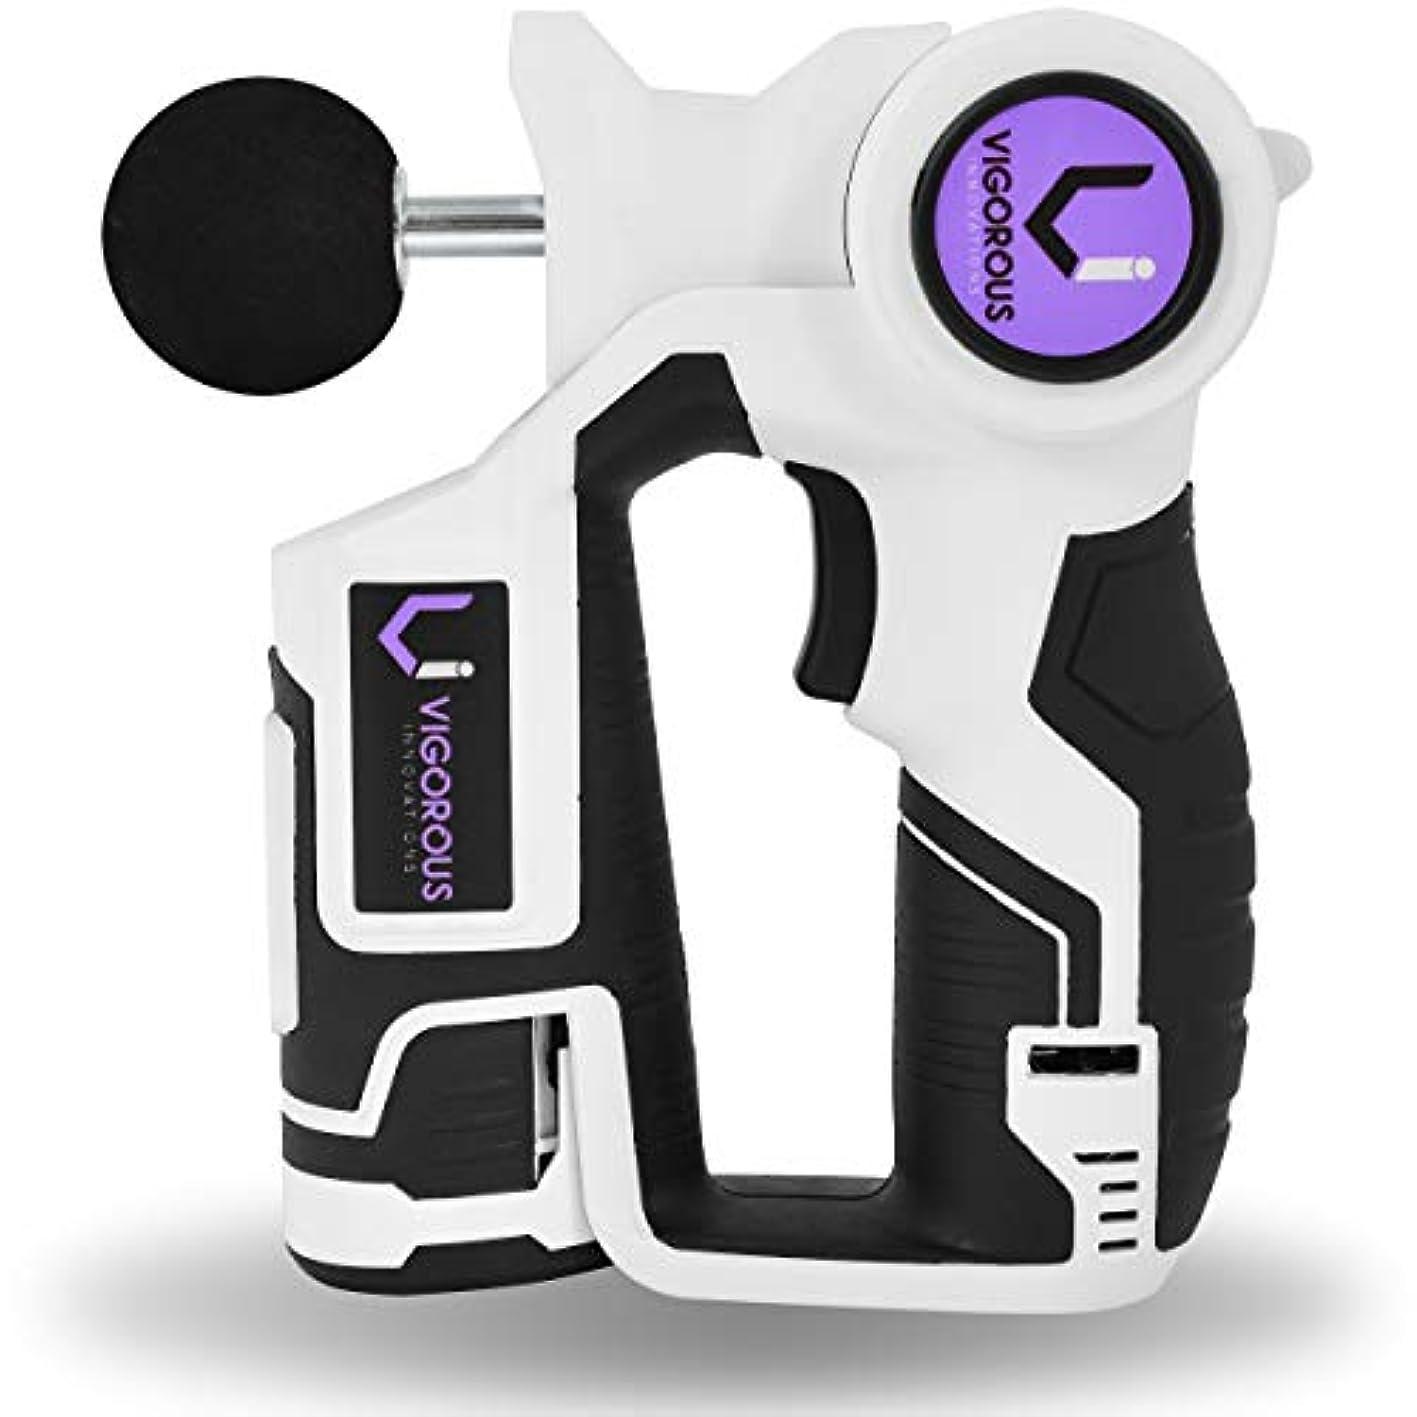 パイプラインお風呂を持っているネクタイジグソー マッサージガン アスリート用 Jigsaw Massage Gun for Athletes - 2 Long Lasting Batteries w/Percussion Deep Tissue Massager...